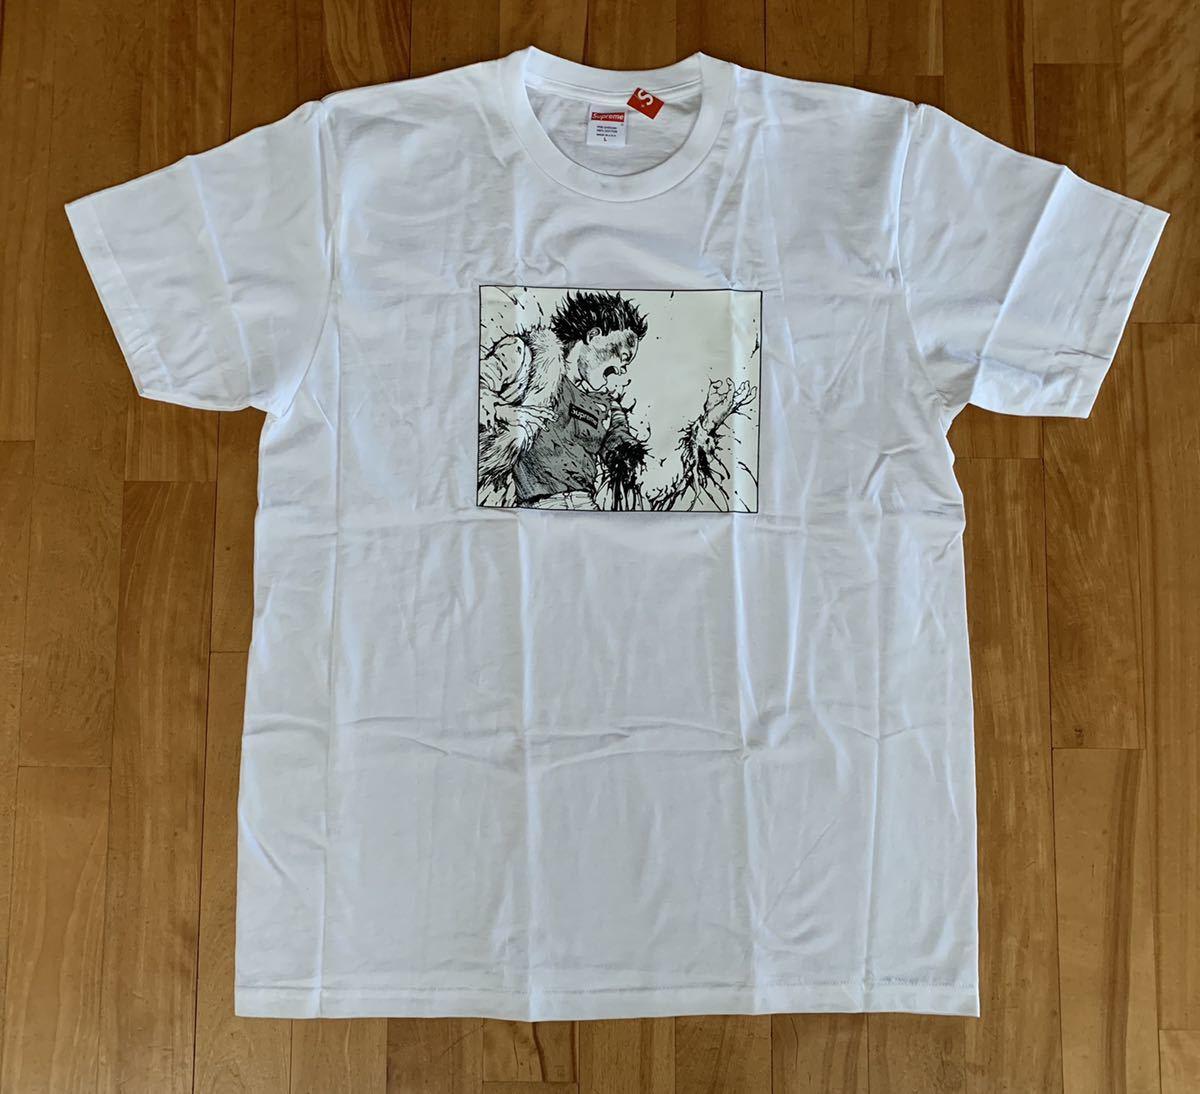 新品未使用 Supreme Akira Arm Tee 白 L 国内正規品 半タグ付き アキラ Tシャツ